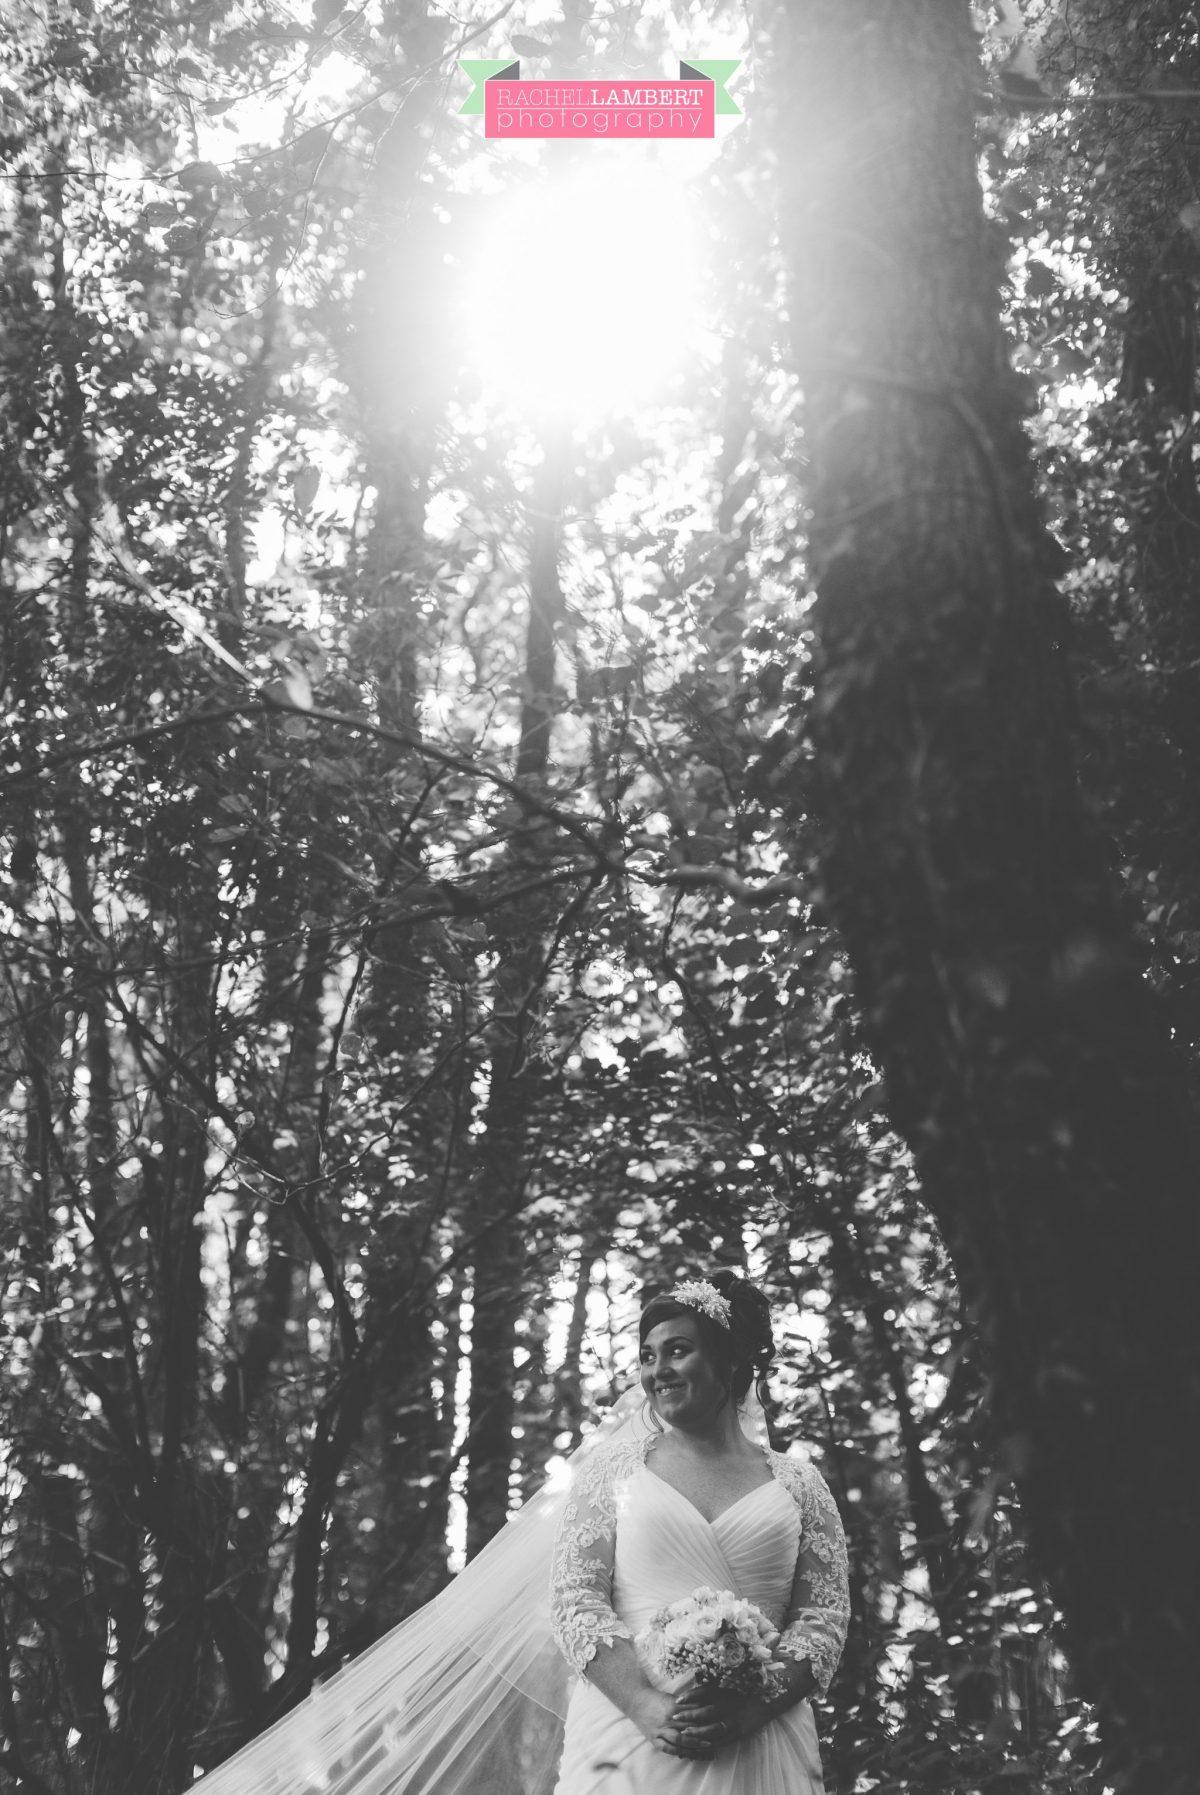 welsh_wedding_photographer_rachel_lambert_photography_pencoed_house_cardiff_rachel_nathan_ 50